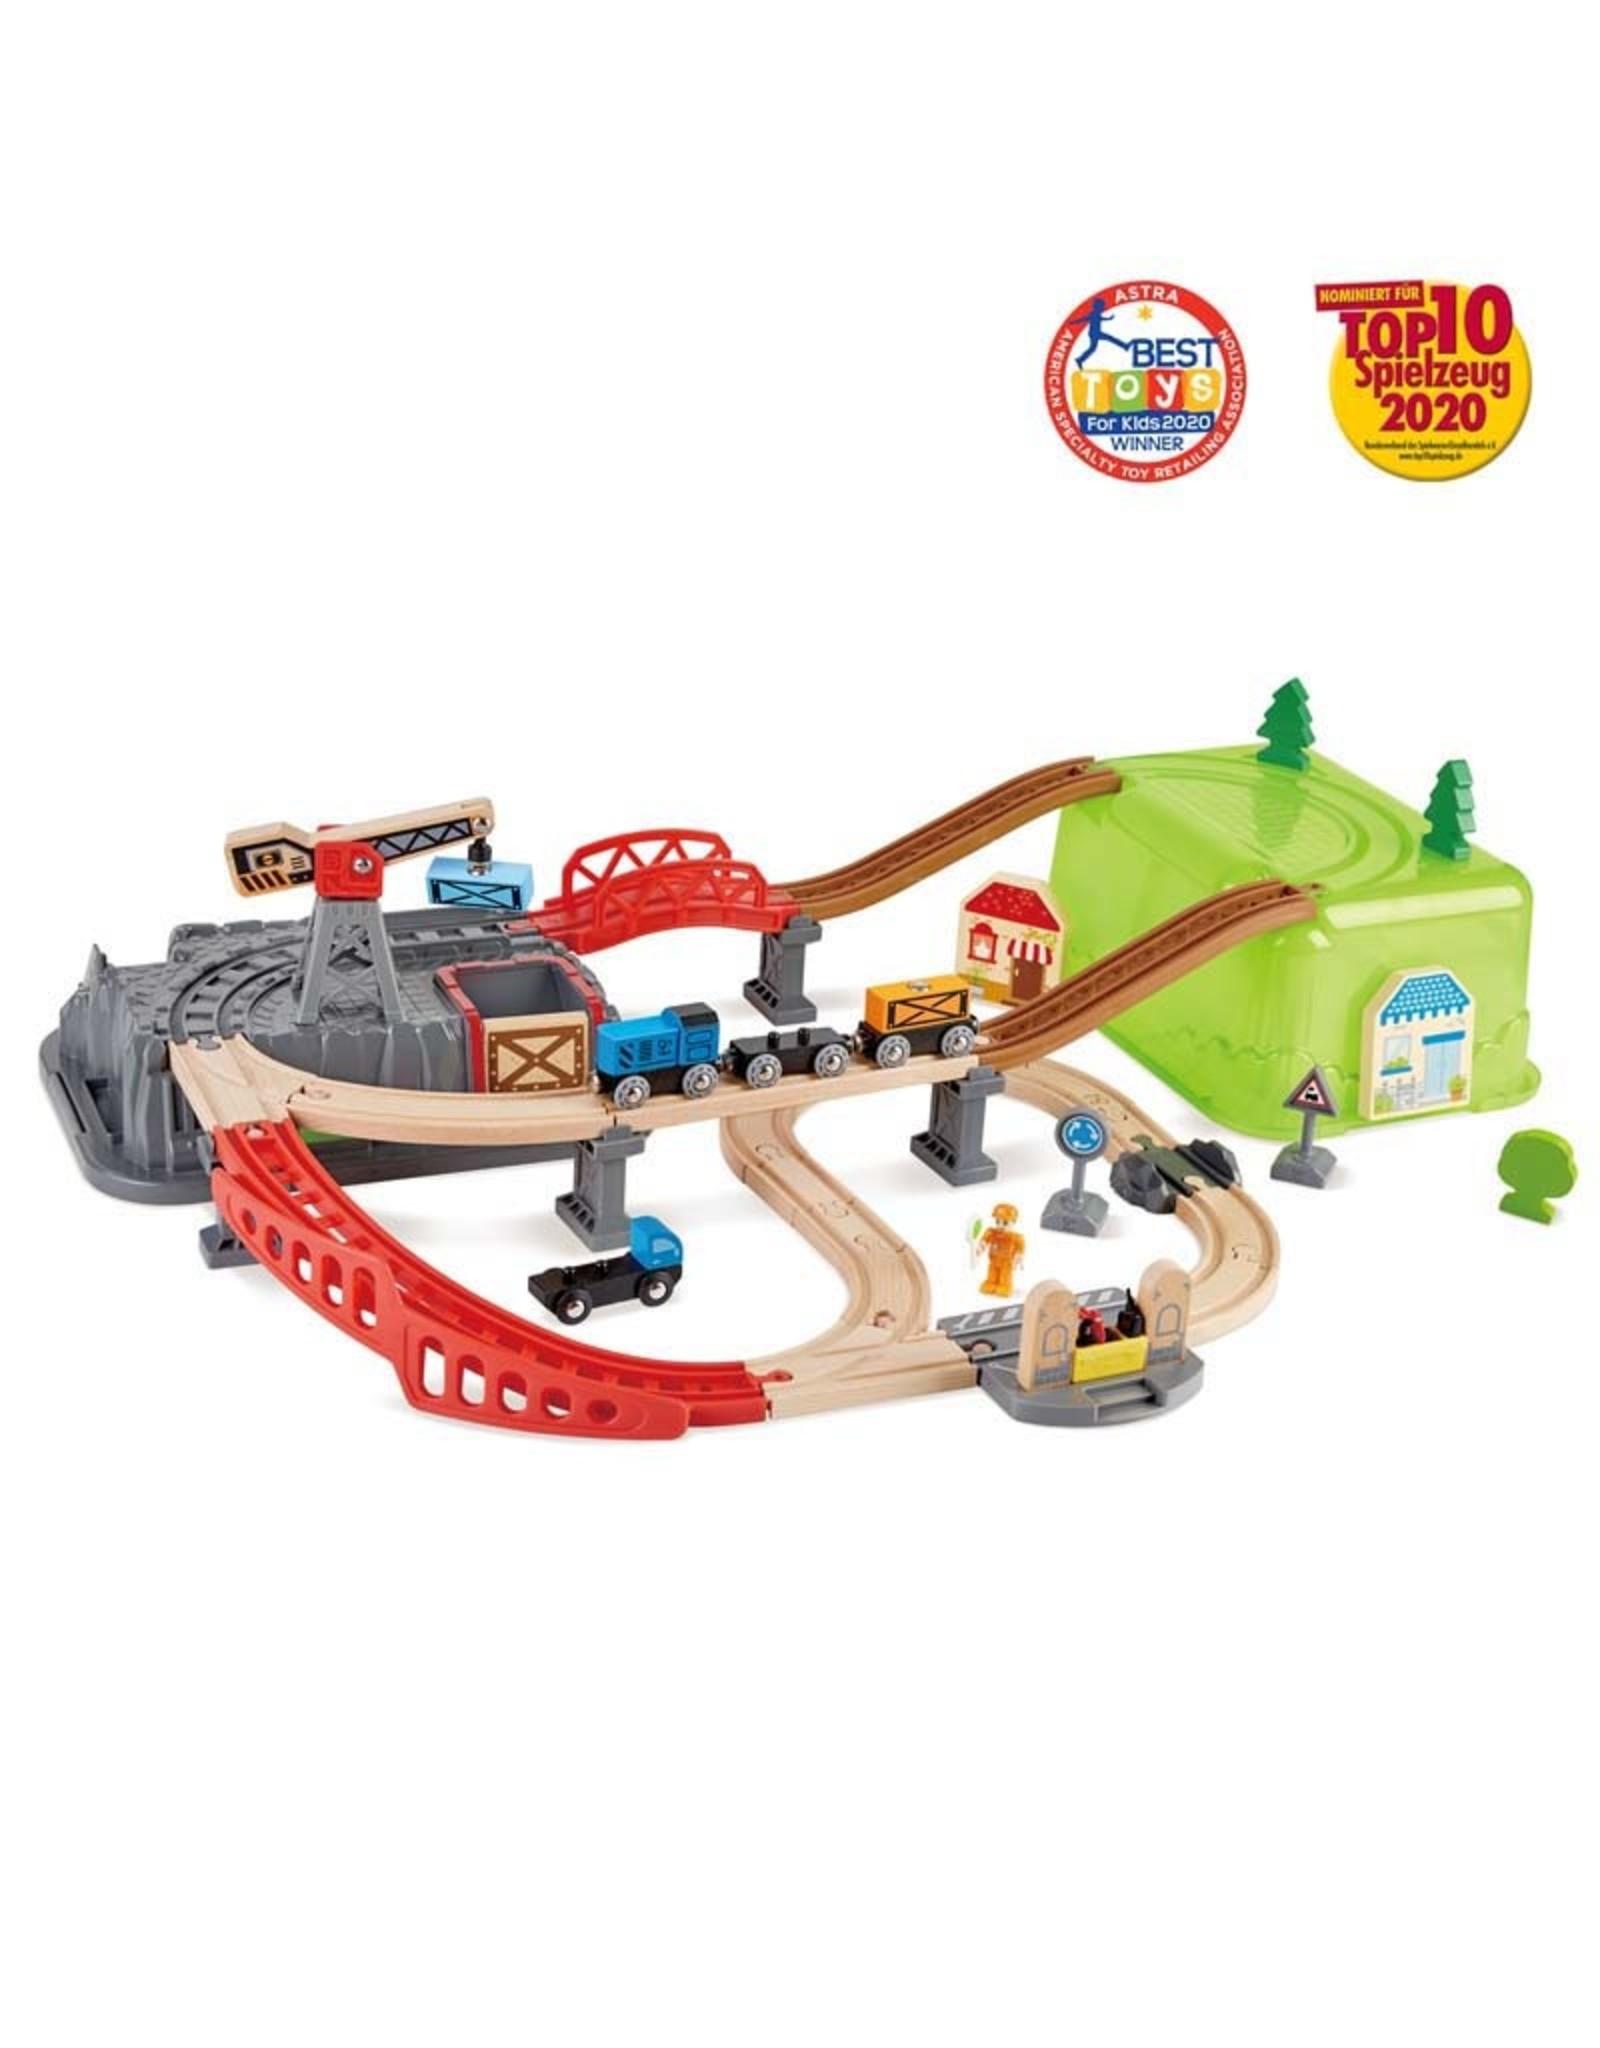 Hape Railway Bucket Builder